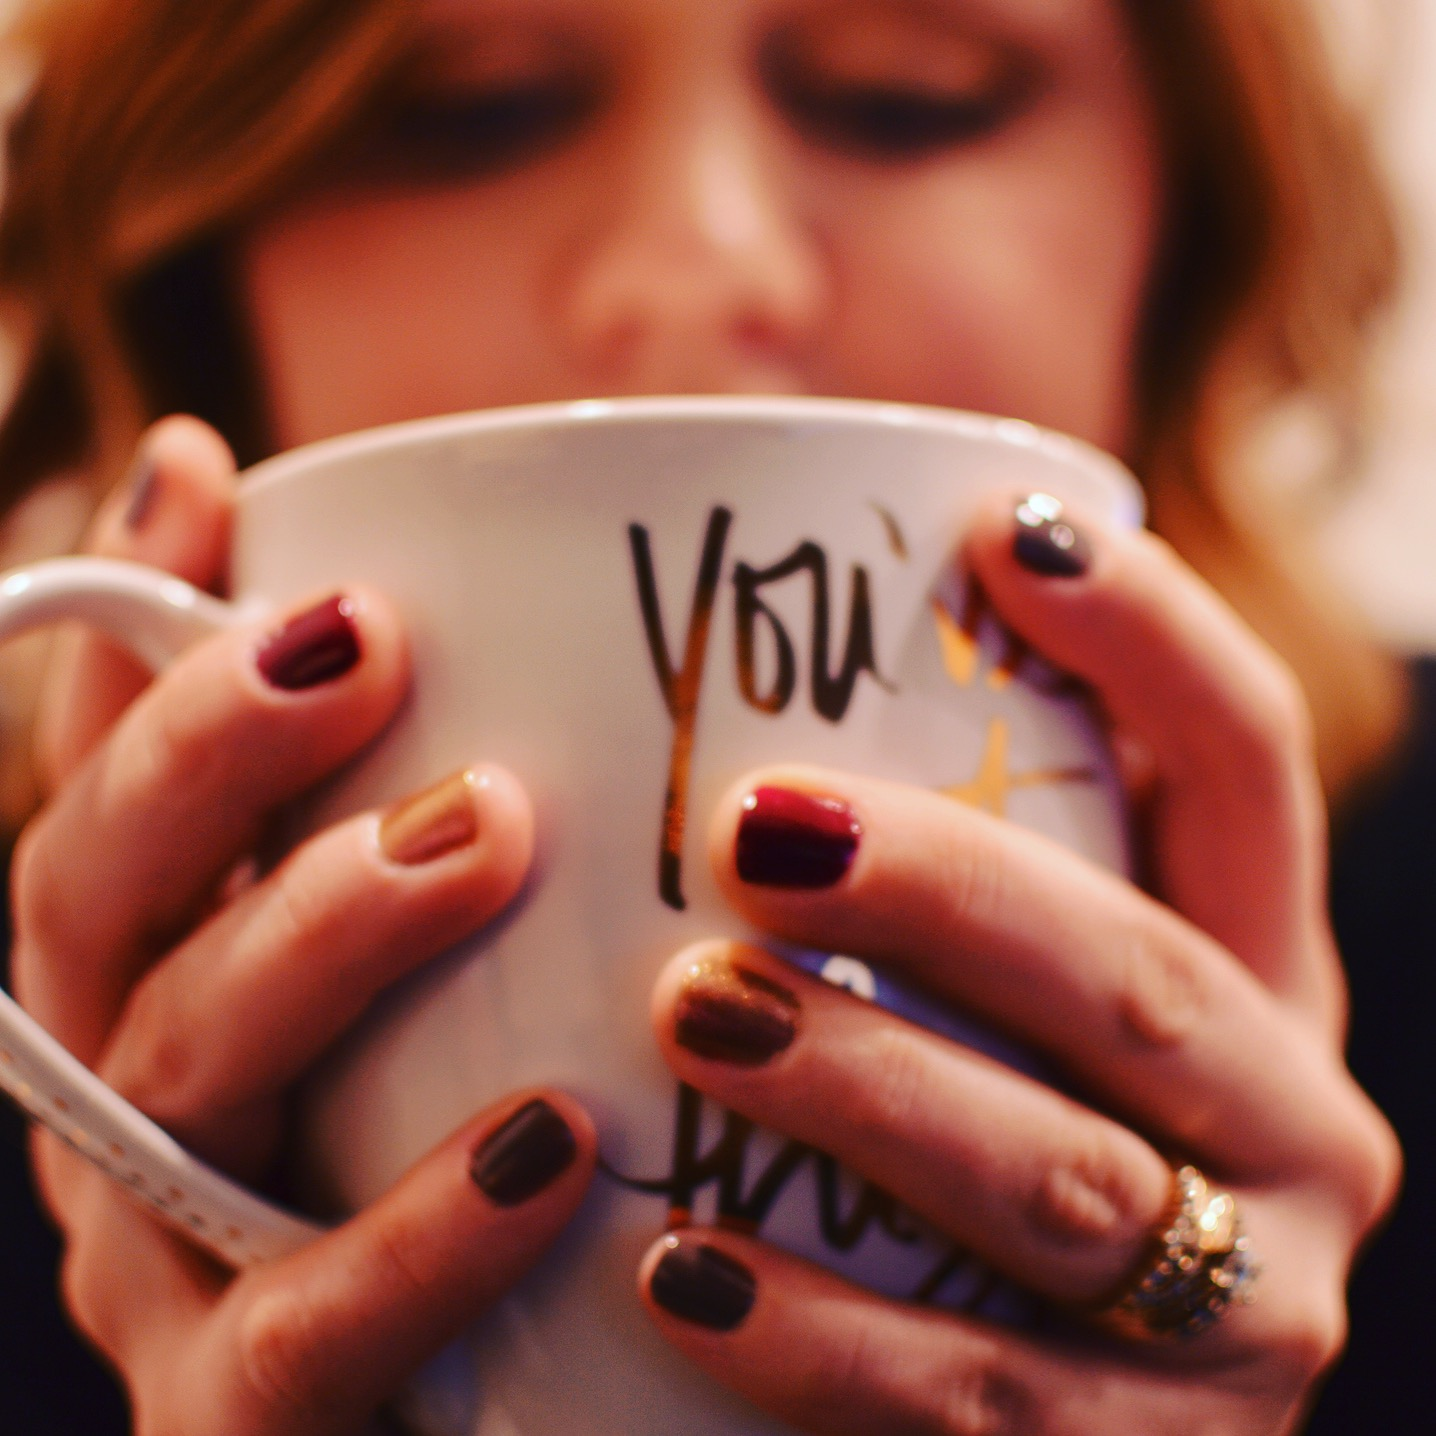 Toni loves a beautiful mug and vanilla lattes.